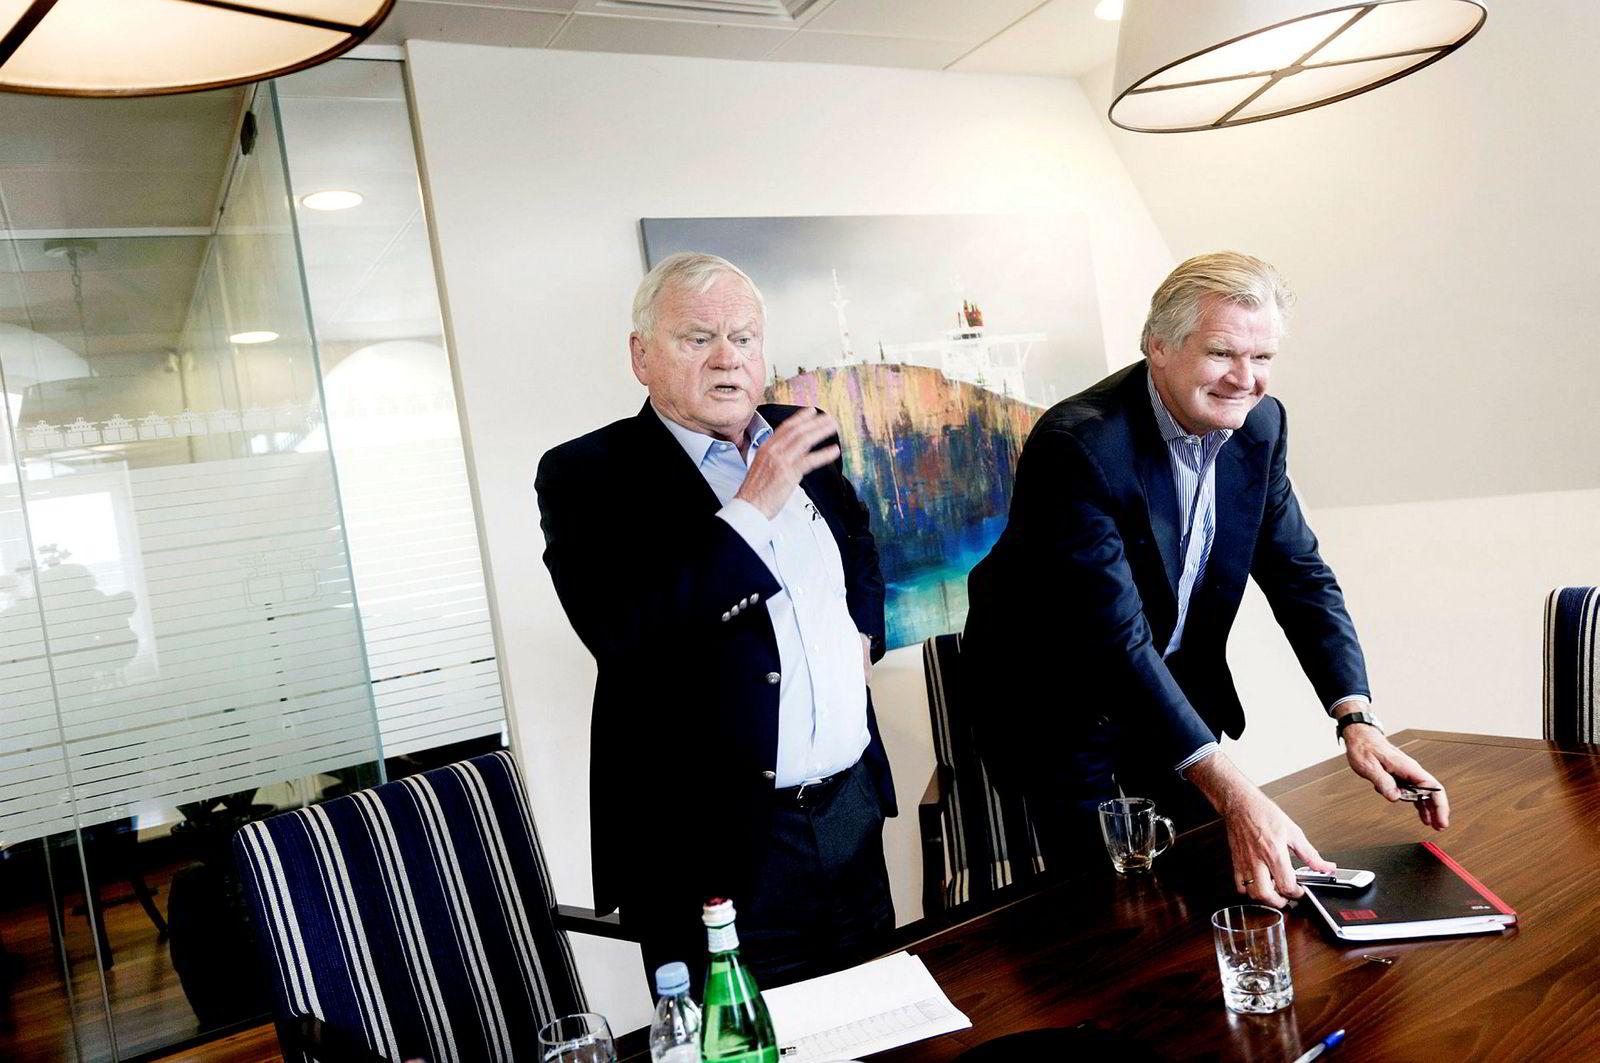 John Fredriksen ble intervjuet i forbindelse med sin 70-årsdag i 2014, med Tor Olav Trøim (til høyre) på kontoret i London. Siden gikk de hver sin vei, etter 19 års «skolegang» for Trøim.